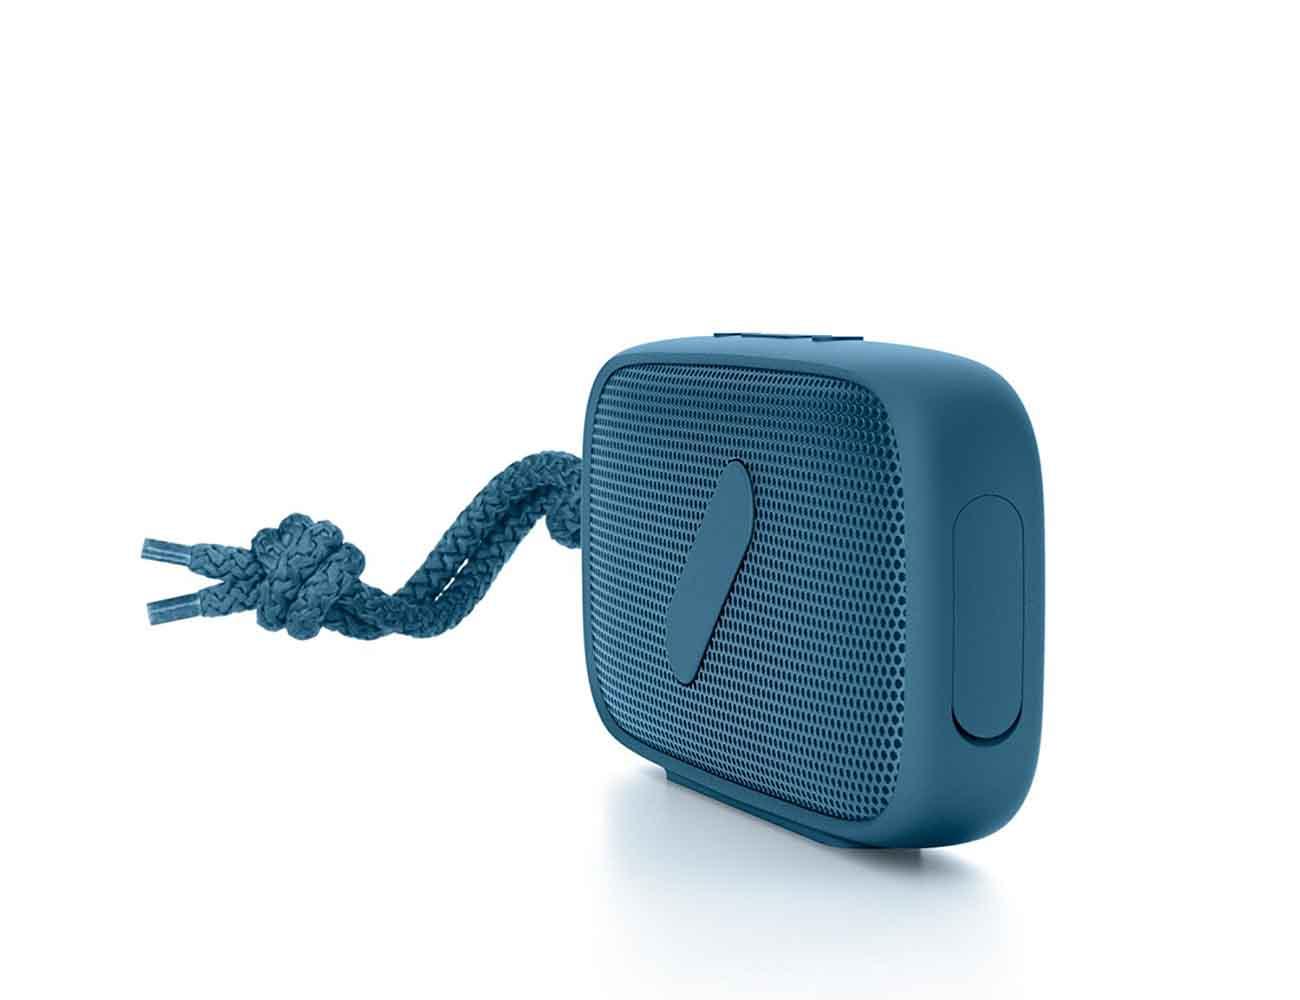 Super M Waterproof Bluetooth Speaker by NudeAudio